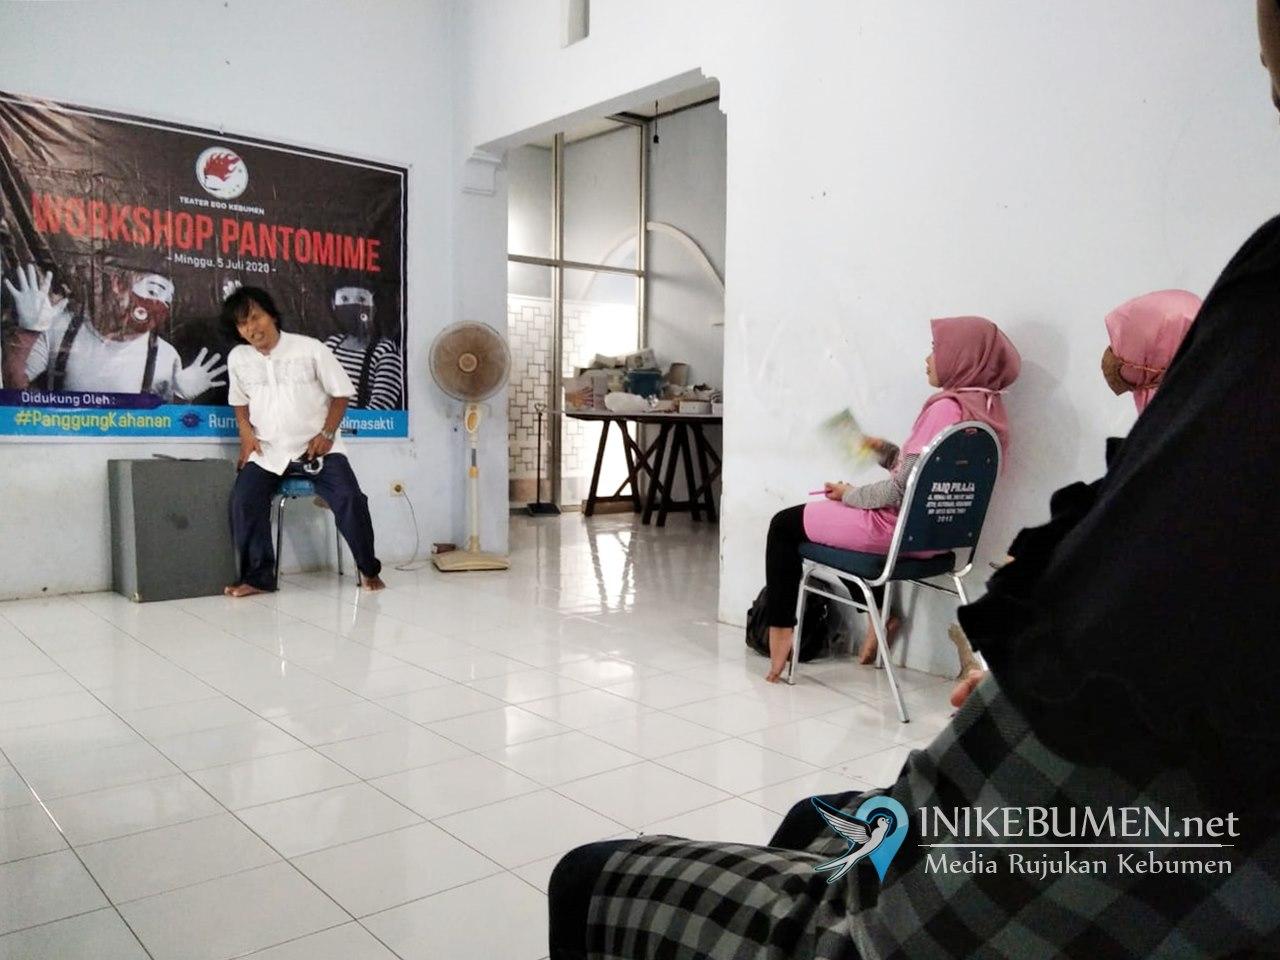 Didukung Program Panggung Kahanan, Teater Ego Adakan Workshop Pantomim